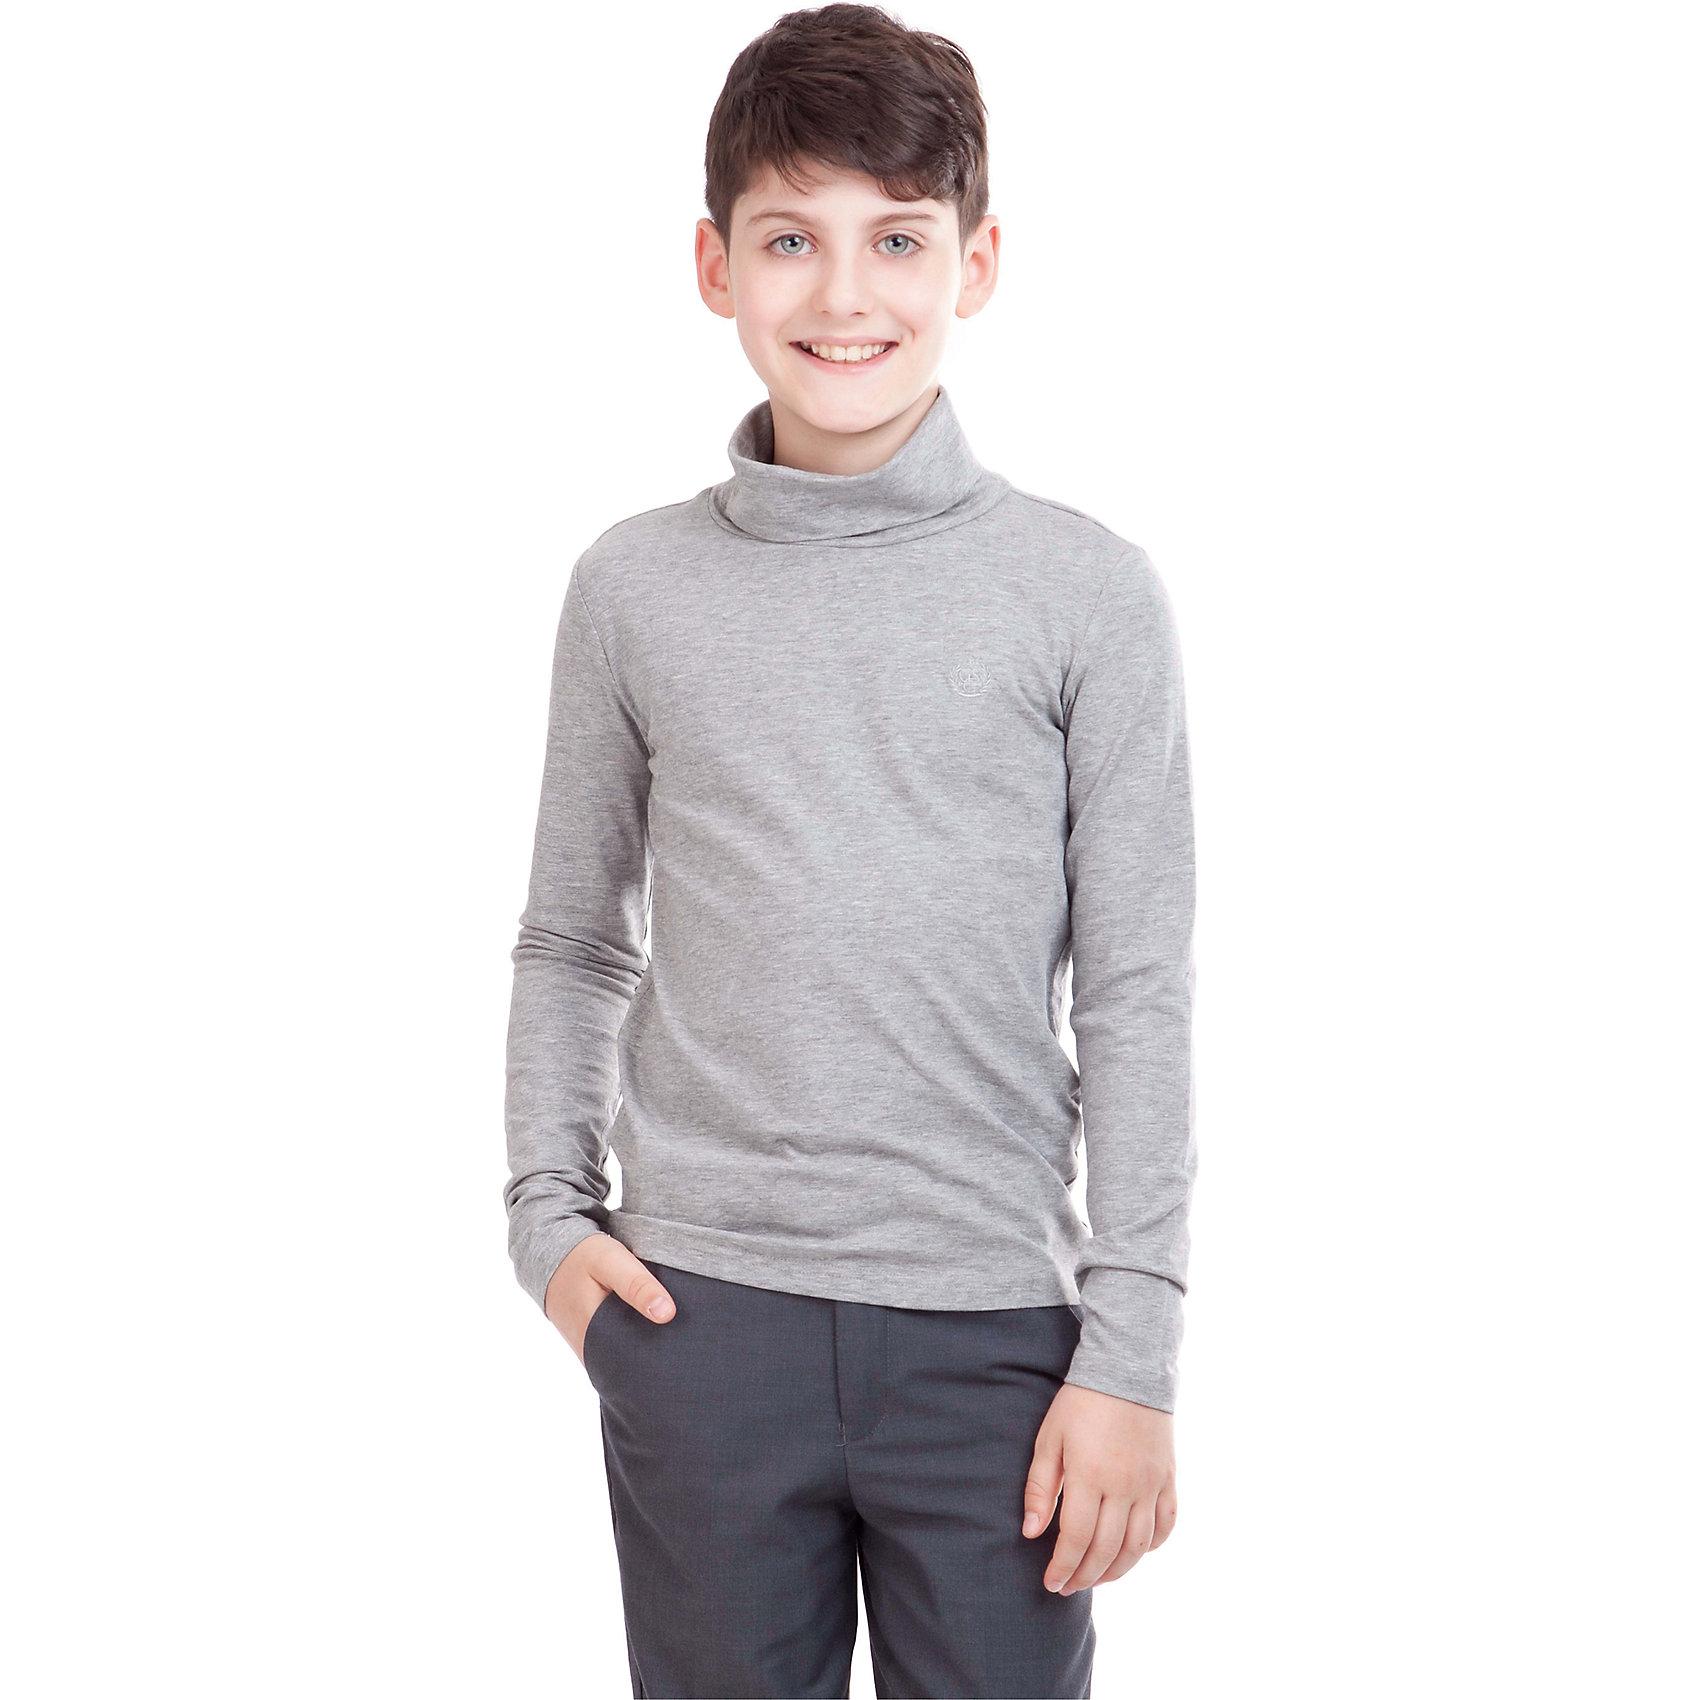 Водолазка для мальчика GulliverВодолазка для мальчика от российского бренда Gulliver.<br>Водолазка на каждый день должна быть удобной и практичной,  ведь это базовая вещь в гардеробе ребенка. Трикотажное полотно с эластаном обеспечивает комфортное прилегание к фигуре и комфорт в носке.<br>Состав:<br>95% хлопок        5% эластан<br><br>Ширина мм: 230<br>Глубина мм: 40<br>Высота мм: 220<br>Вес г: 250<br>Цвет: серый<br>Возраст от месяцев: 144<br>Возраст до месяцев: 156<br>Пол: Мужской<br>Возраст: Детский<br>Размер: 158,128,122,134,140,146,152<br>SKU: 4174502